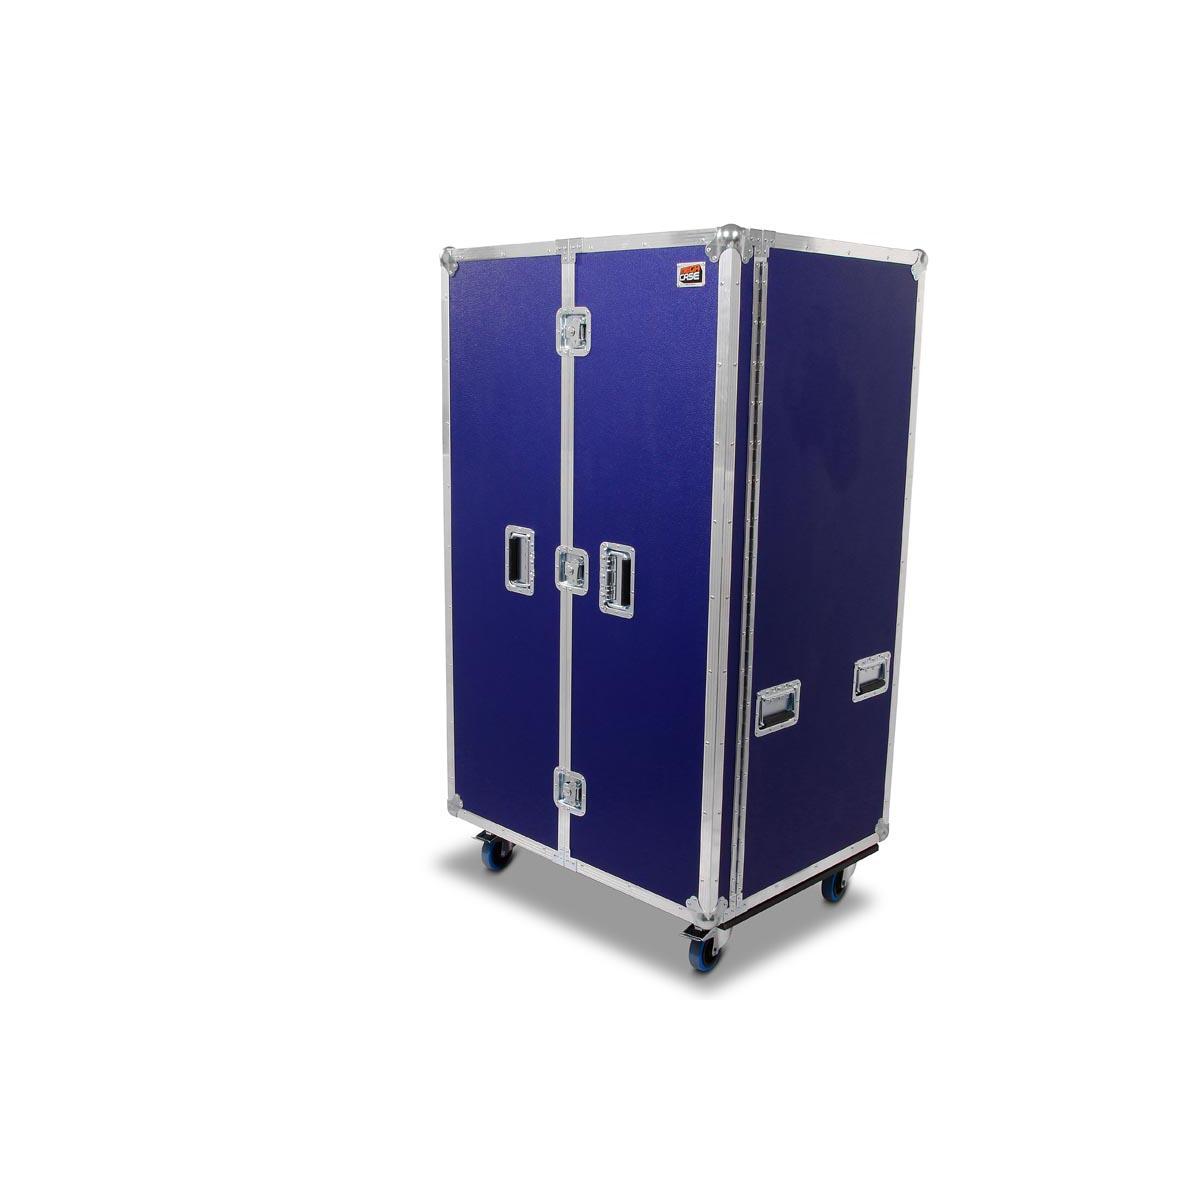 Profi Schrank Case in nachtblau Außenmaße 90x70x1585mm auf Rollen ...